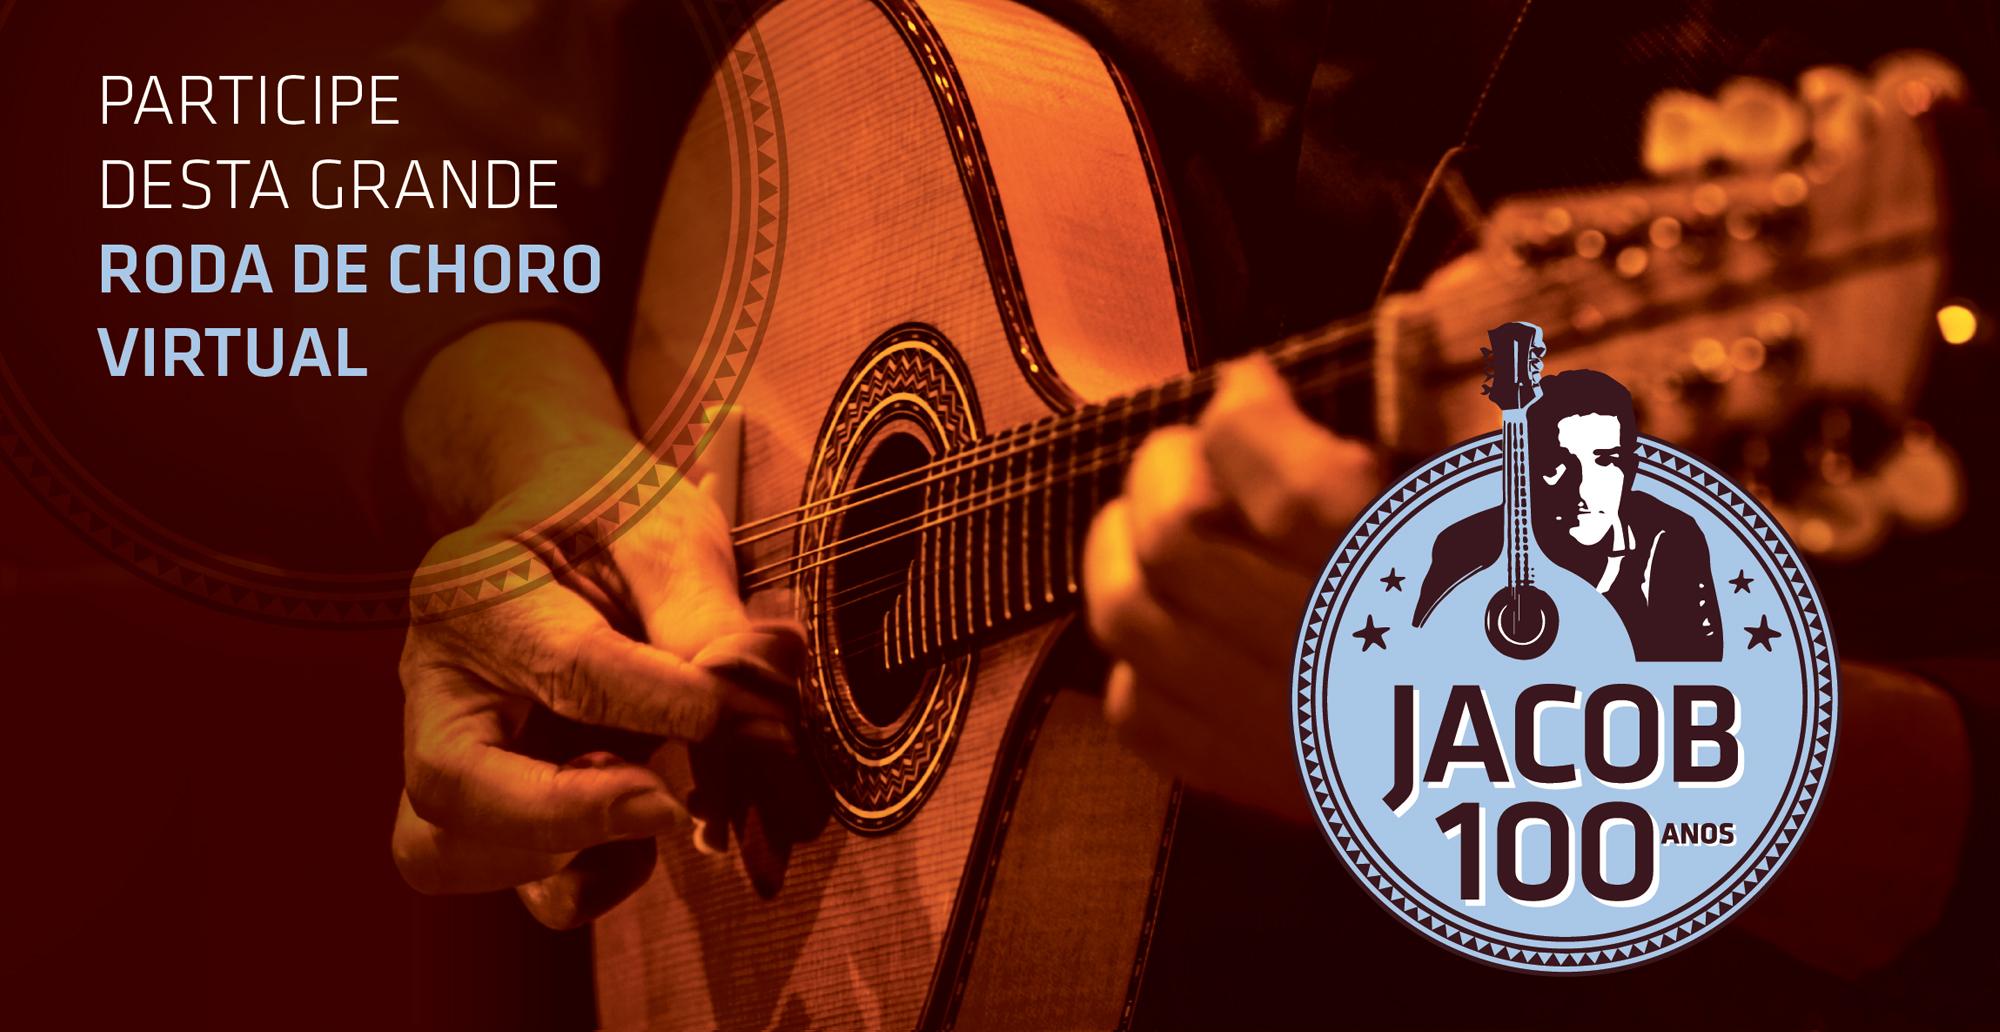 Antonio Nóbrega reúne mais de 50 instrumentistas do mundo todo em homenagem a Jacob do Bandolim